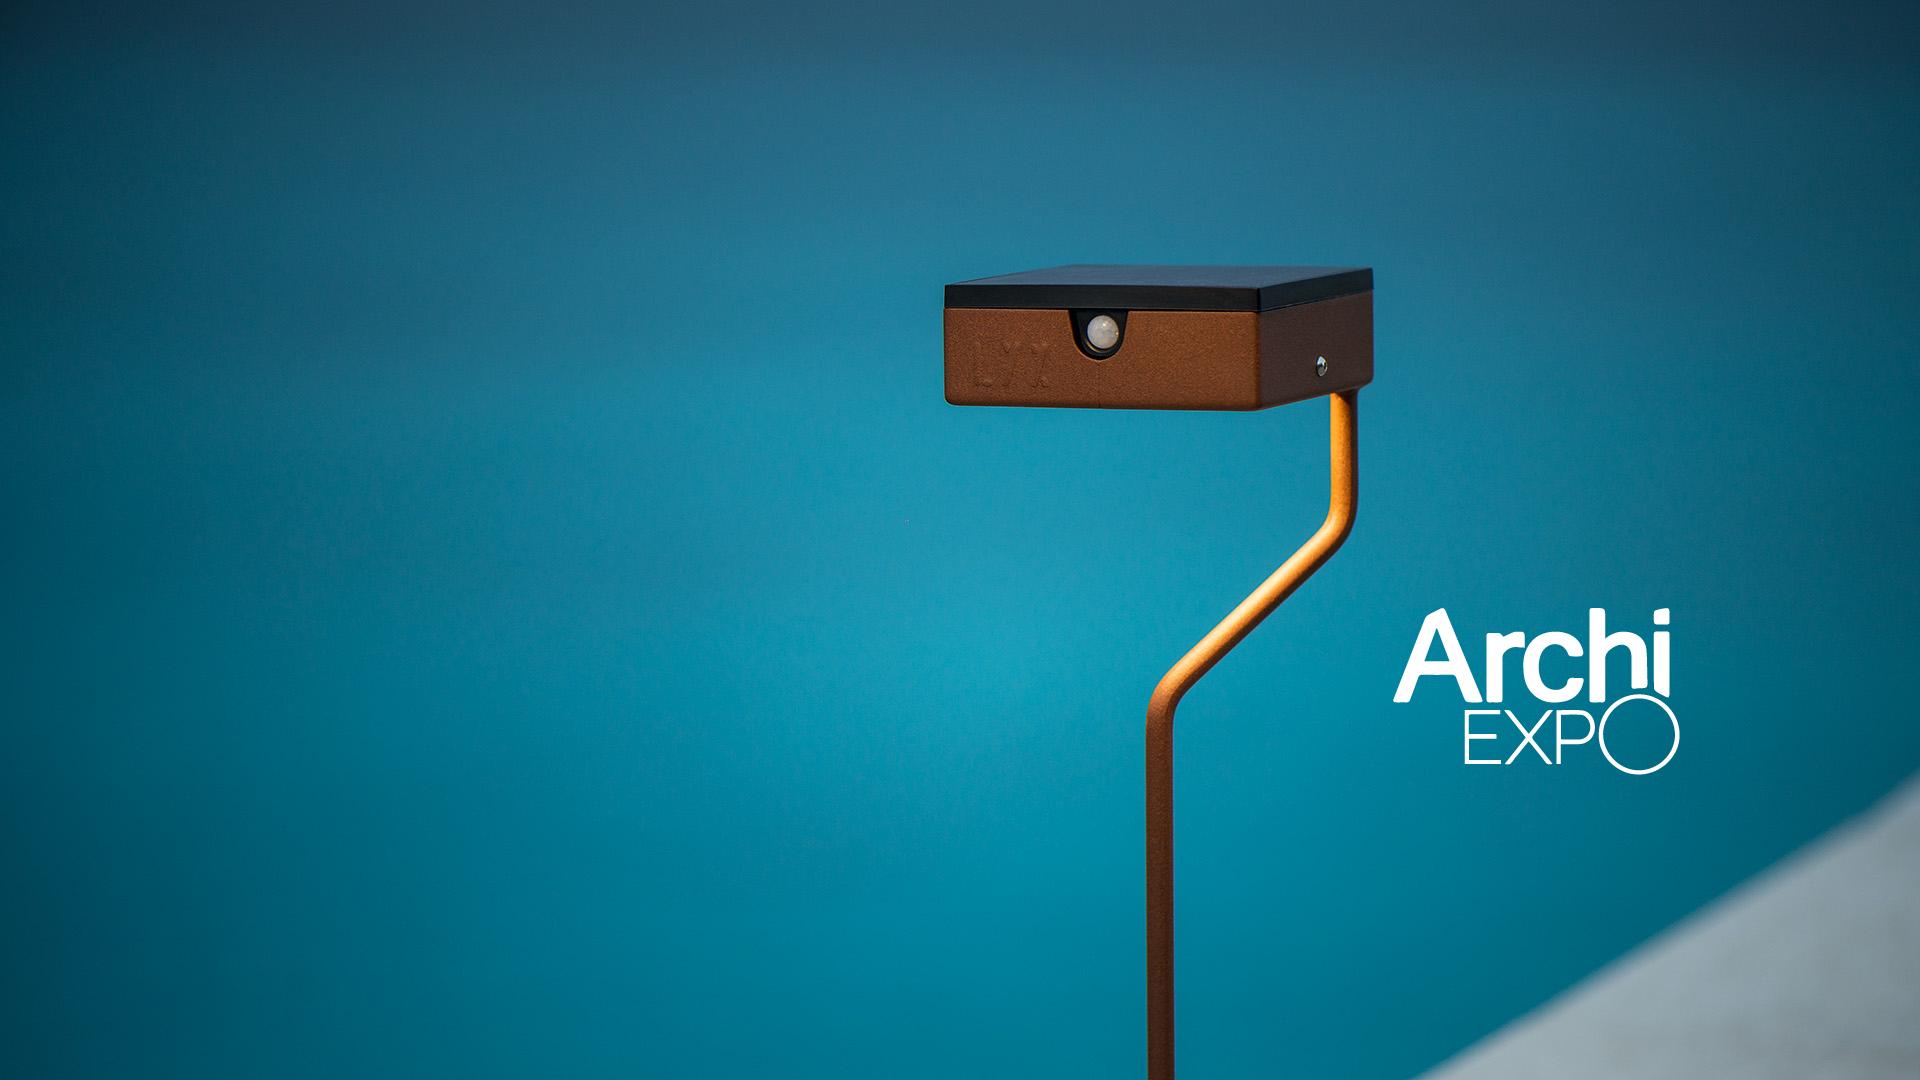 Borne solaire pour éclairage extérieur, en acier inoxydable, rouille Corten ou gris anthracite. Cette borne solaire d'extérieur permet un éclairage performant et un éclairage puissant. La lampe solaire extérieure TEE est une lampe autonome s'adaptant à tout type d'environnement. Cette borne solaire extérieure au design moderne et original est équipée d'un détecteur de présence. Comme toutes les luminaires extérieurs LYX Luminaires, la borne solaire TEE est de conception et de fabrication française.